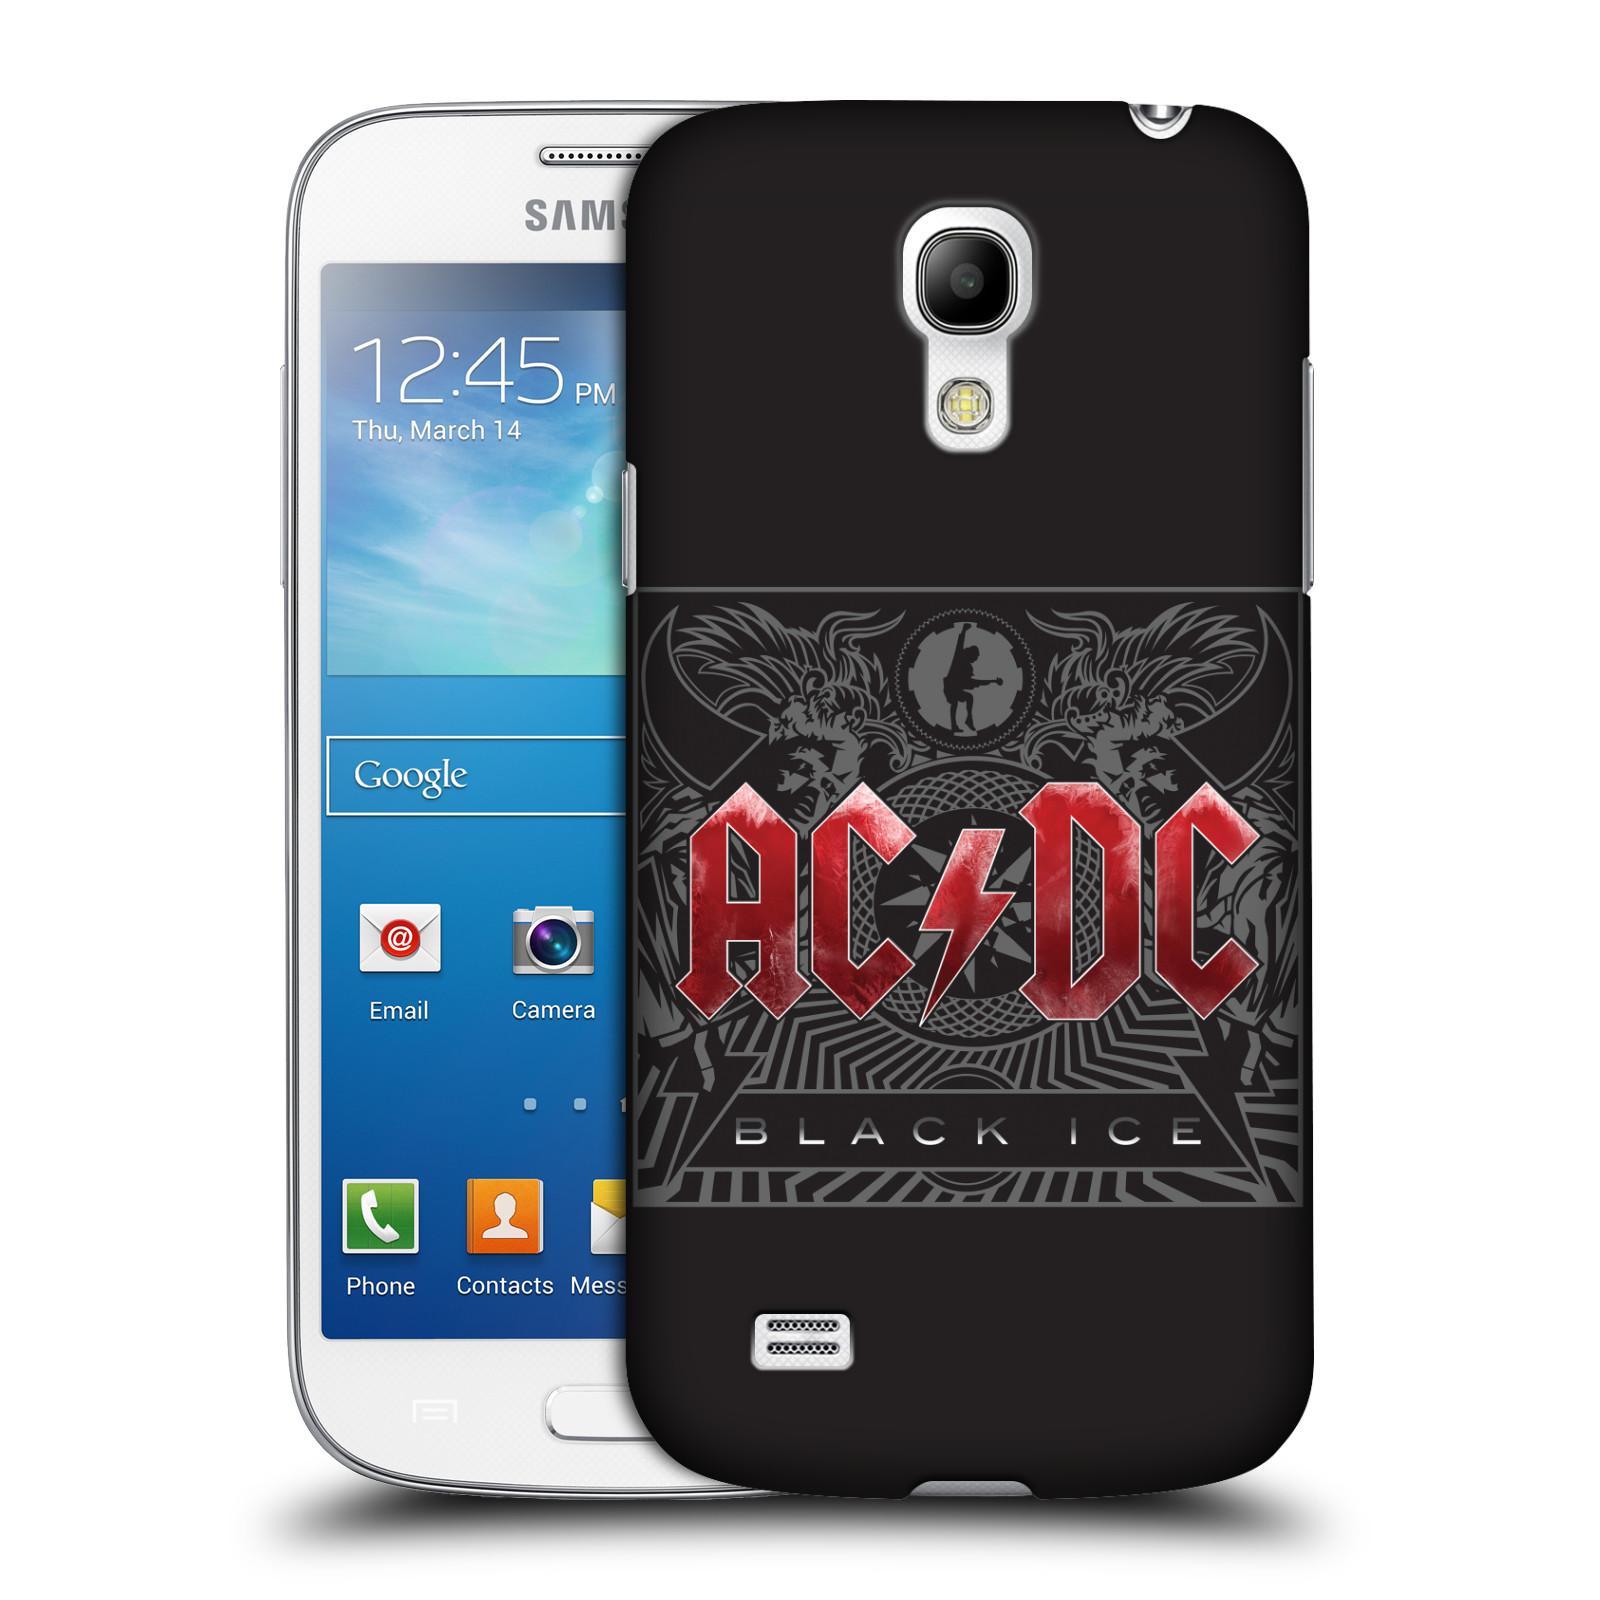 Plastové pouzdro na mobil Samsung Galaxy S4 Mini HEAD CASE AC/DC Black Ice (Plastový kryt či obal na mobilní telefon s oficiálním motivem australské skupiny AC/DC pro Samsung Galaxy S4 Mini GT-i9195 / i9190)